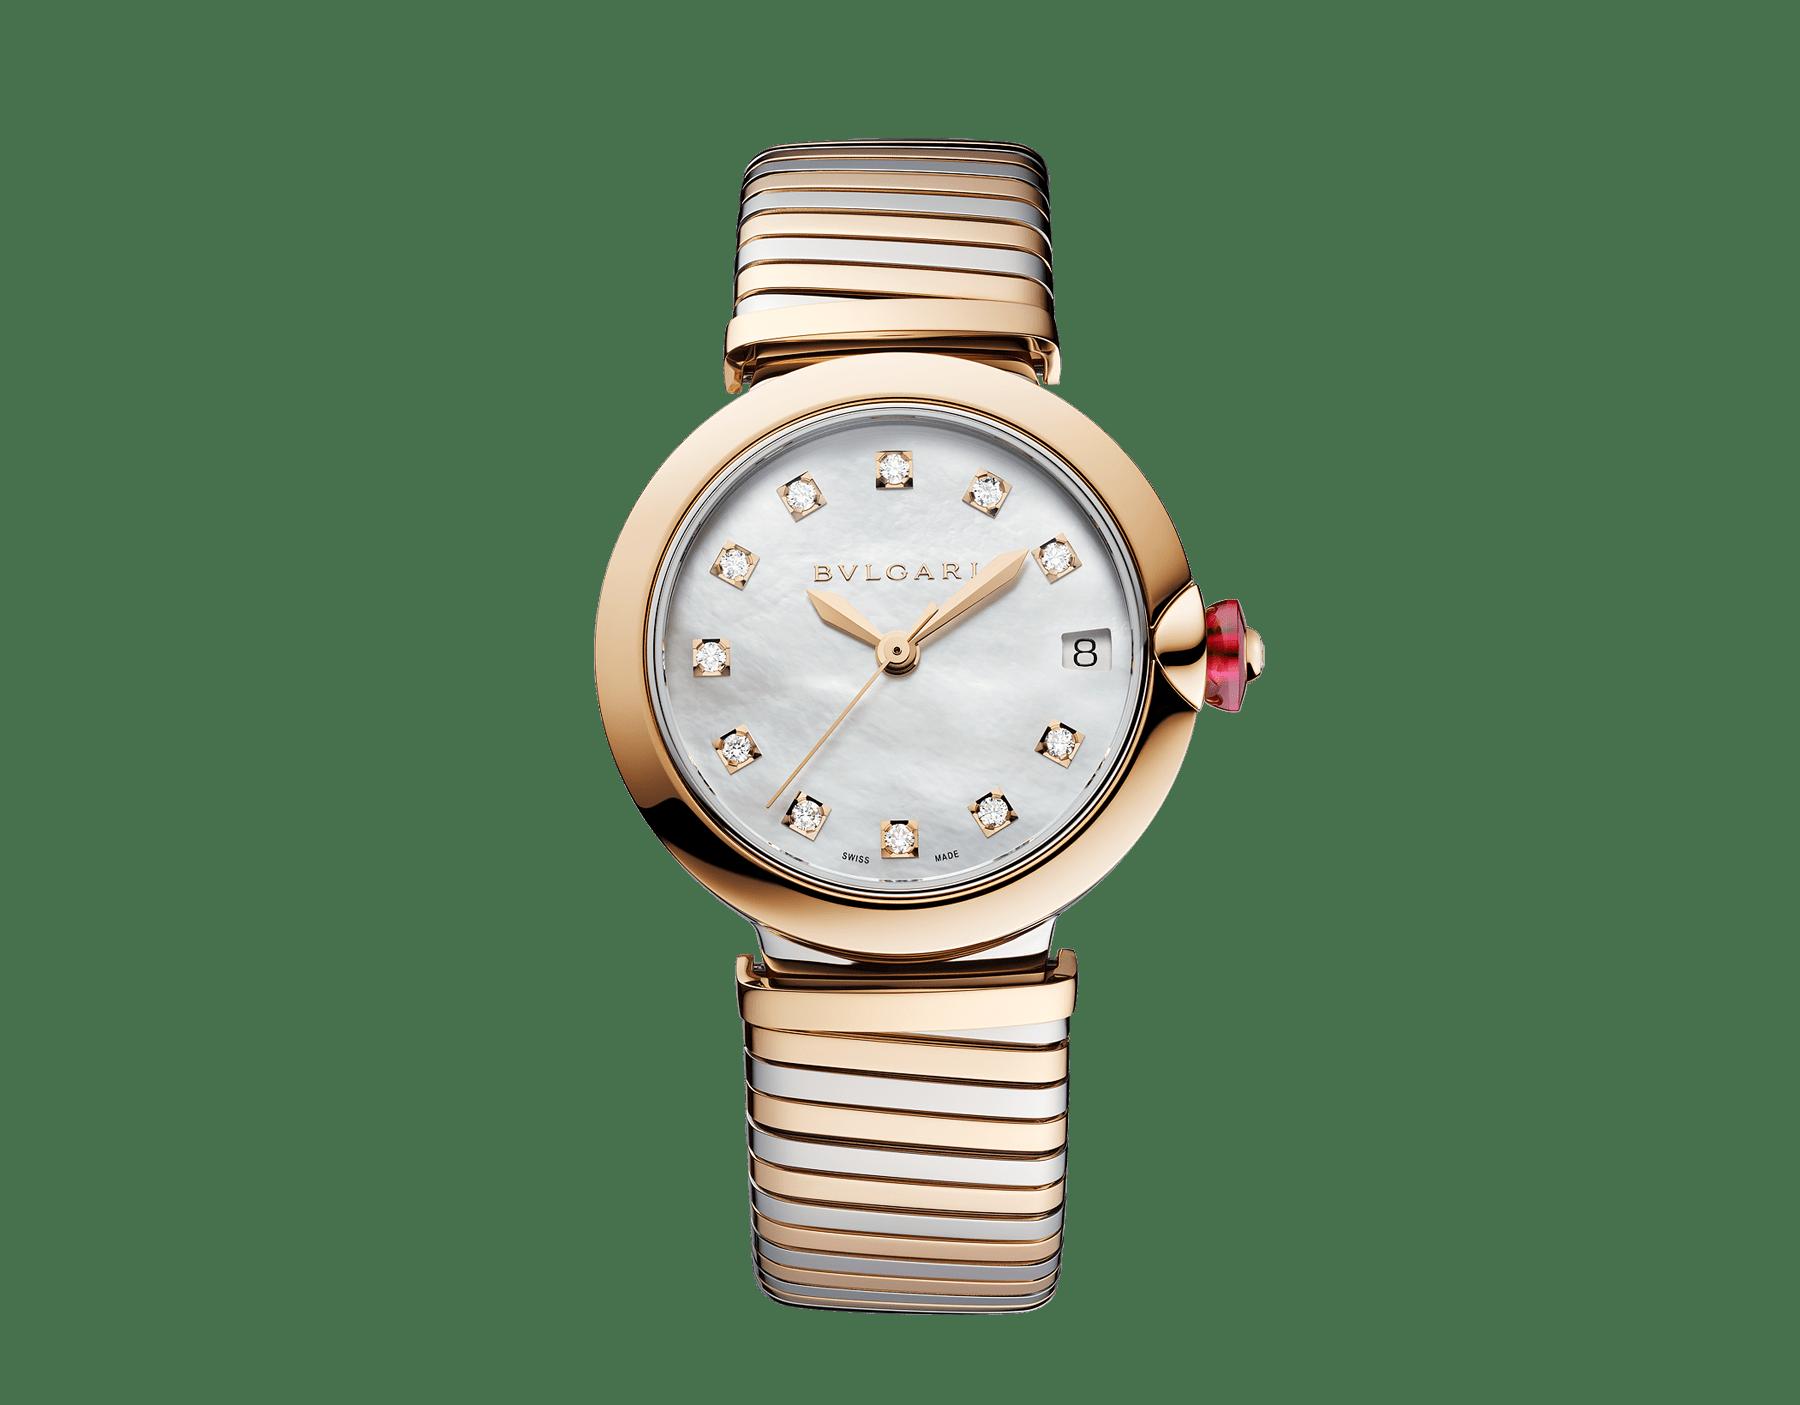 Relógio LVCEA Tubogas com caixa e pulseira tubogas em ouro rosa 18K e aço inoxidável, mostrador em madrepérola branca e índices de diamante 102954 image 1